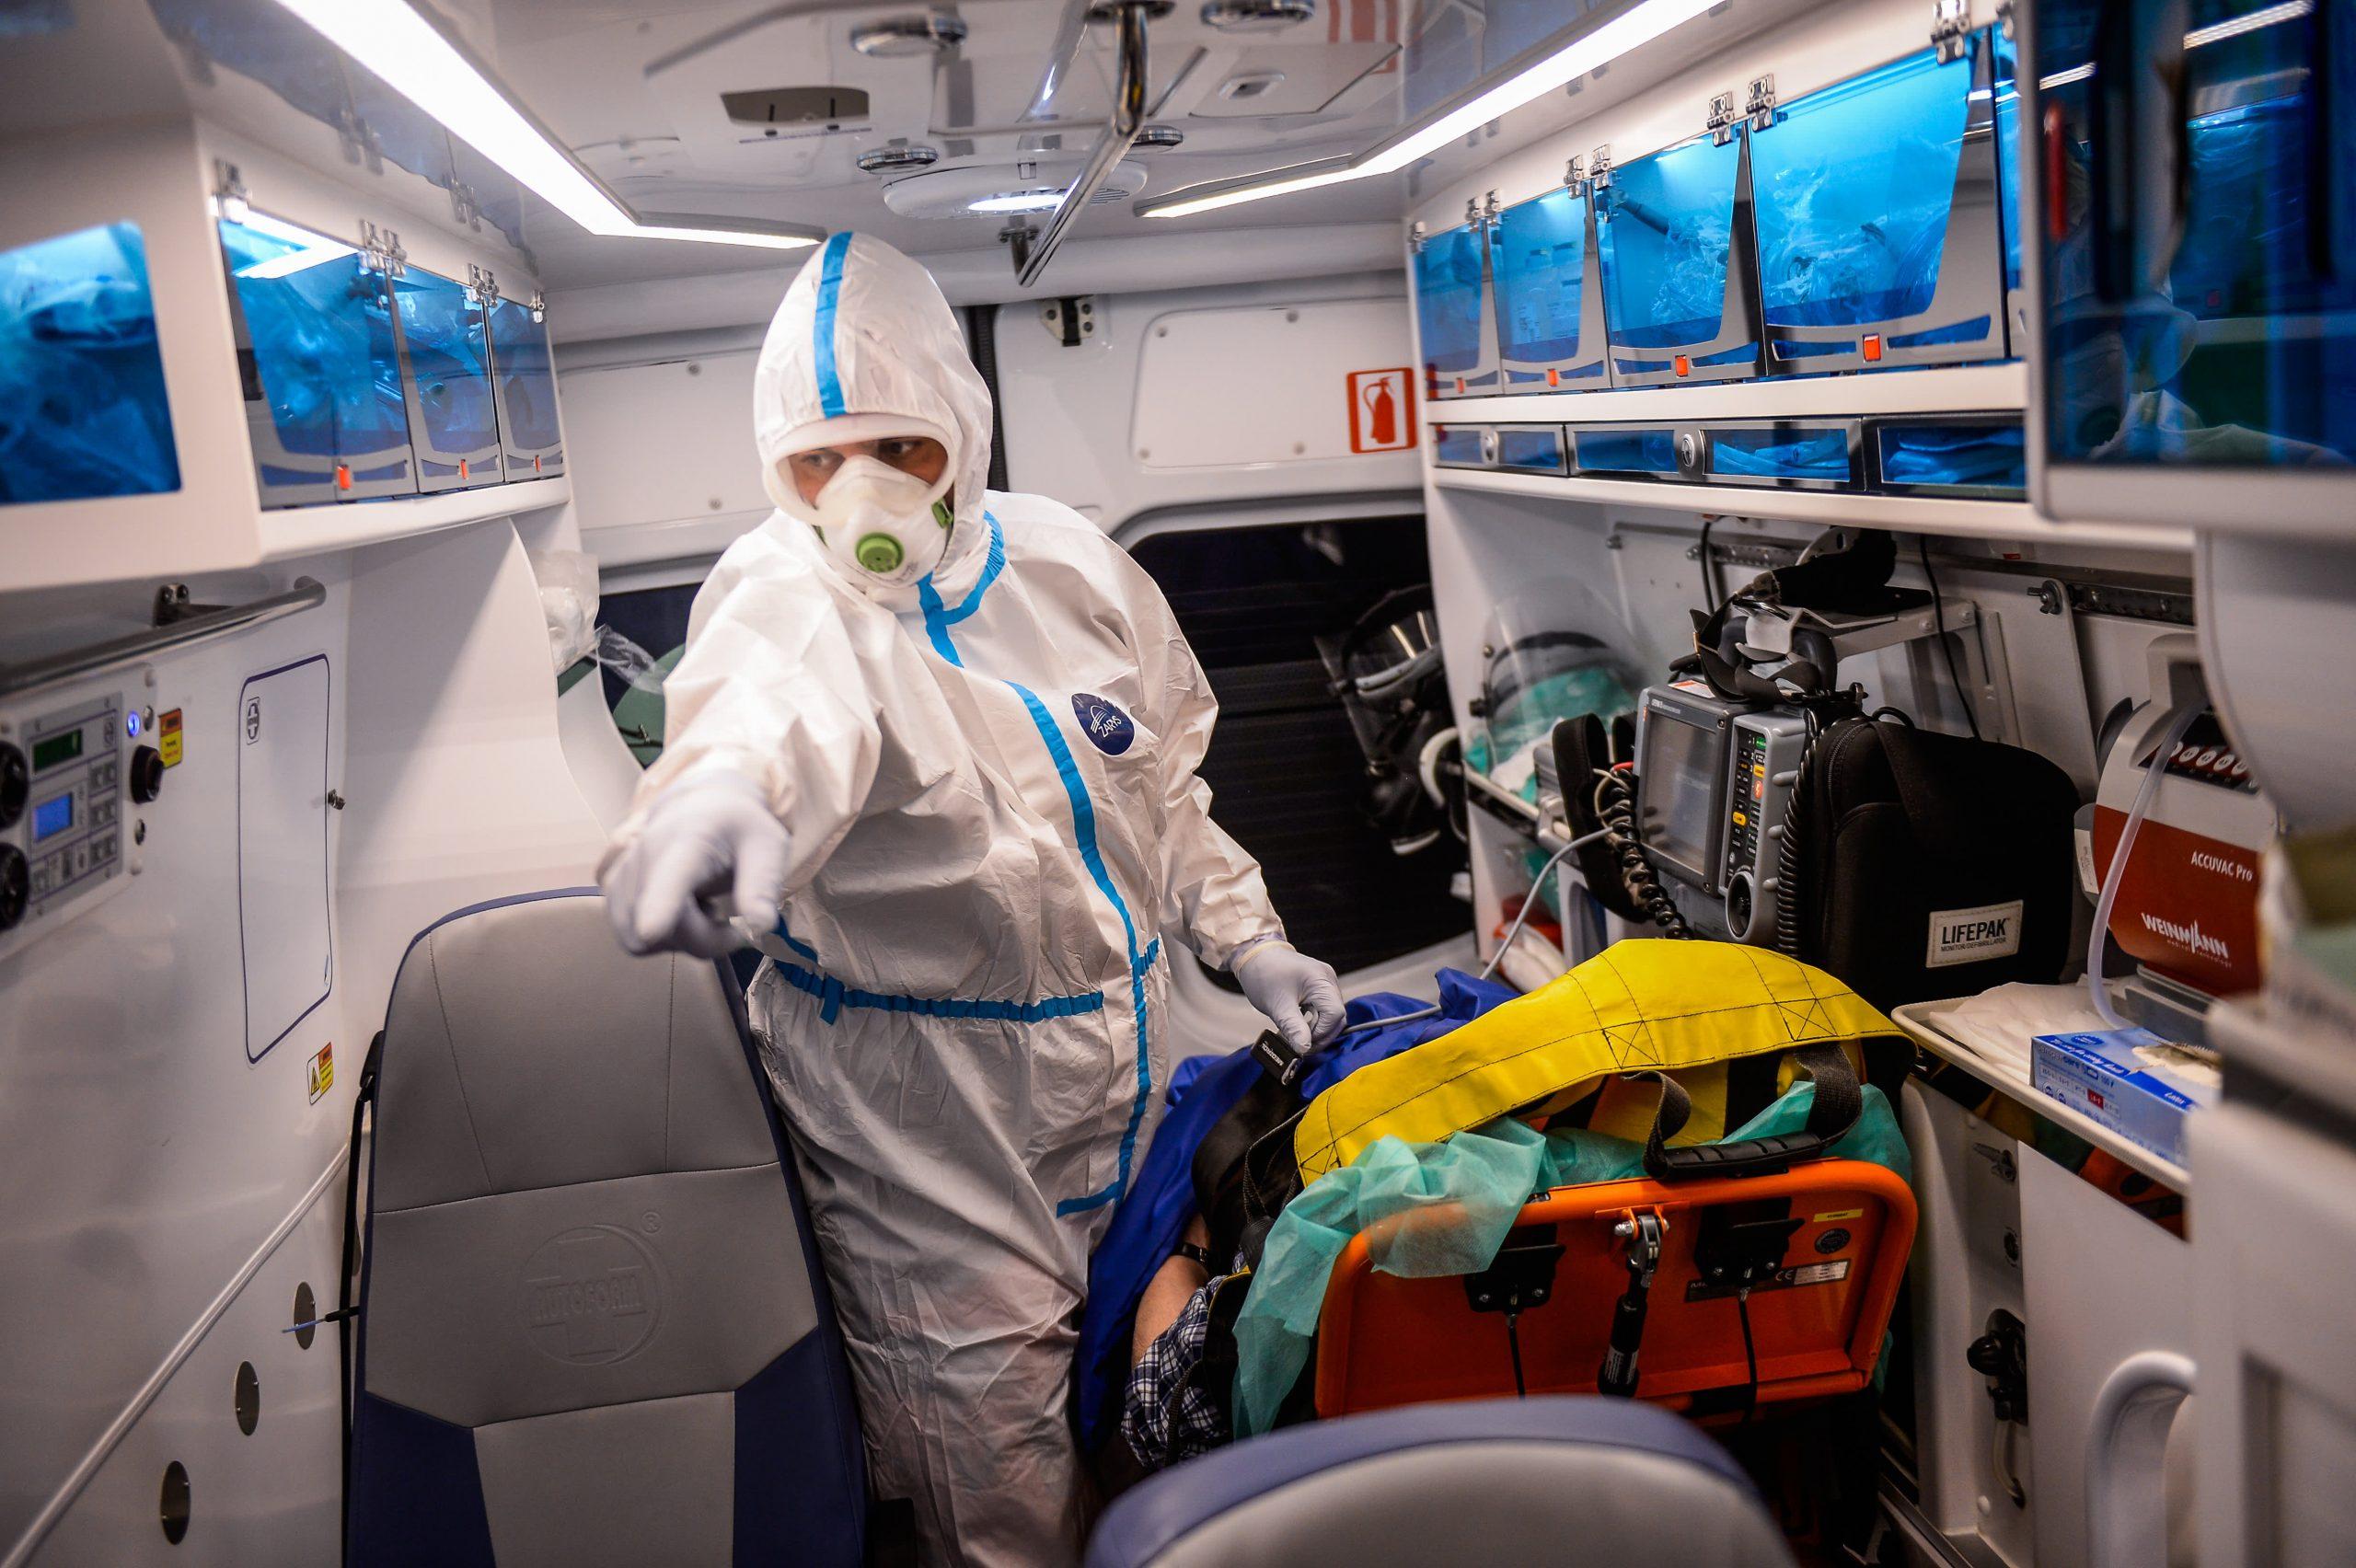 Světová zdravotnická organizace tvrdí, že pandemie Covid roste `` exponenciálně`` s více než 4,4 miliony nových případů týdně